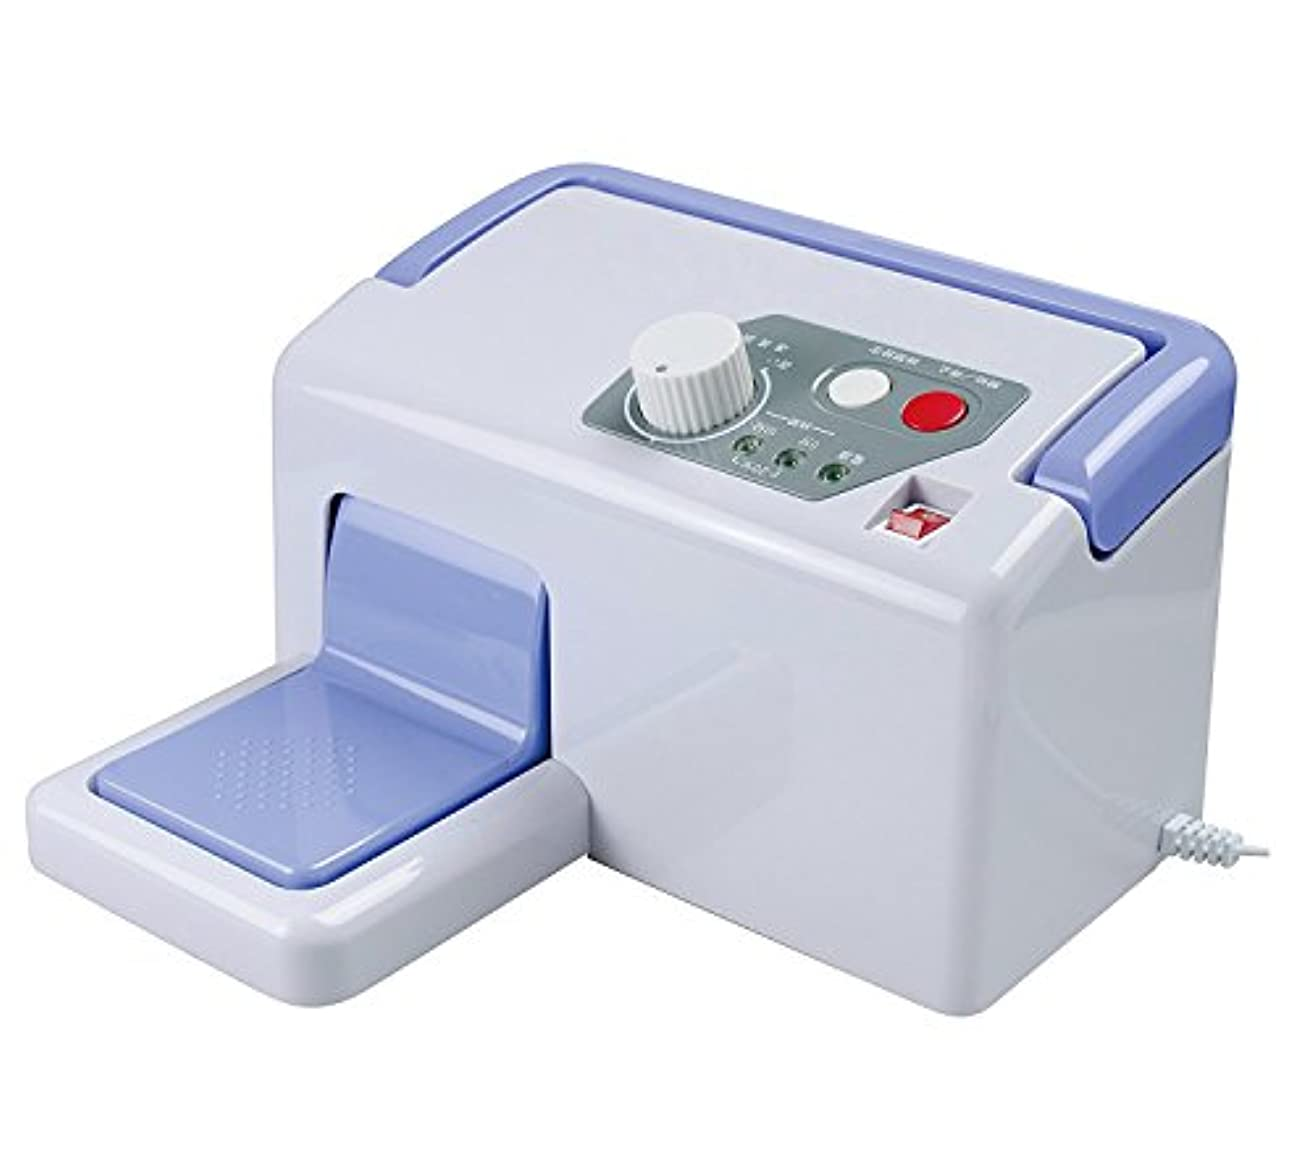 バウンド安全でないから聞く指定管理医療機器 家庭用マッサージ器 健康ゆすり